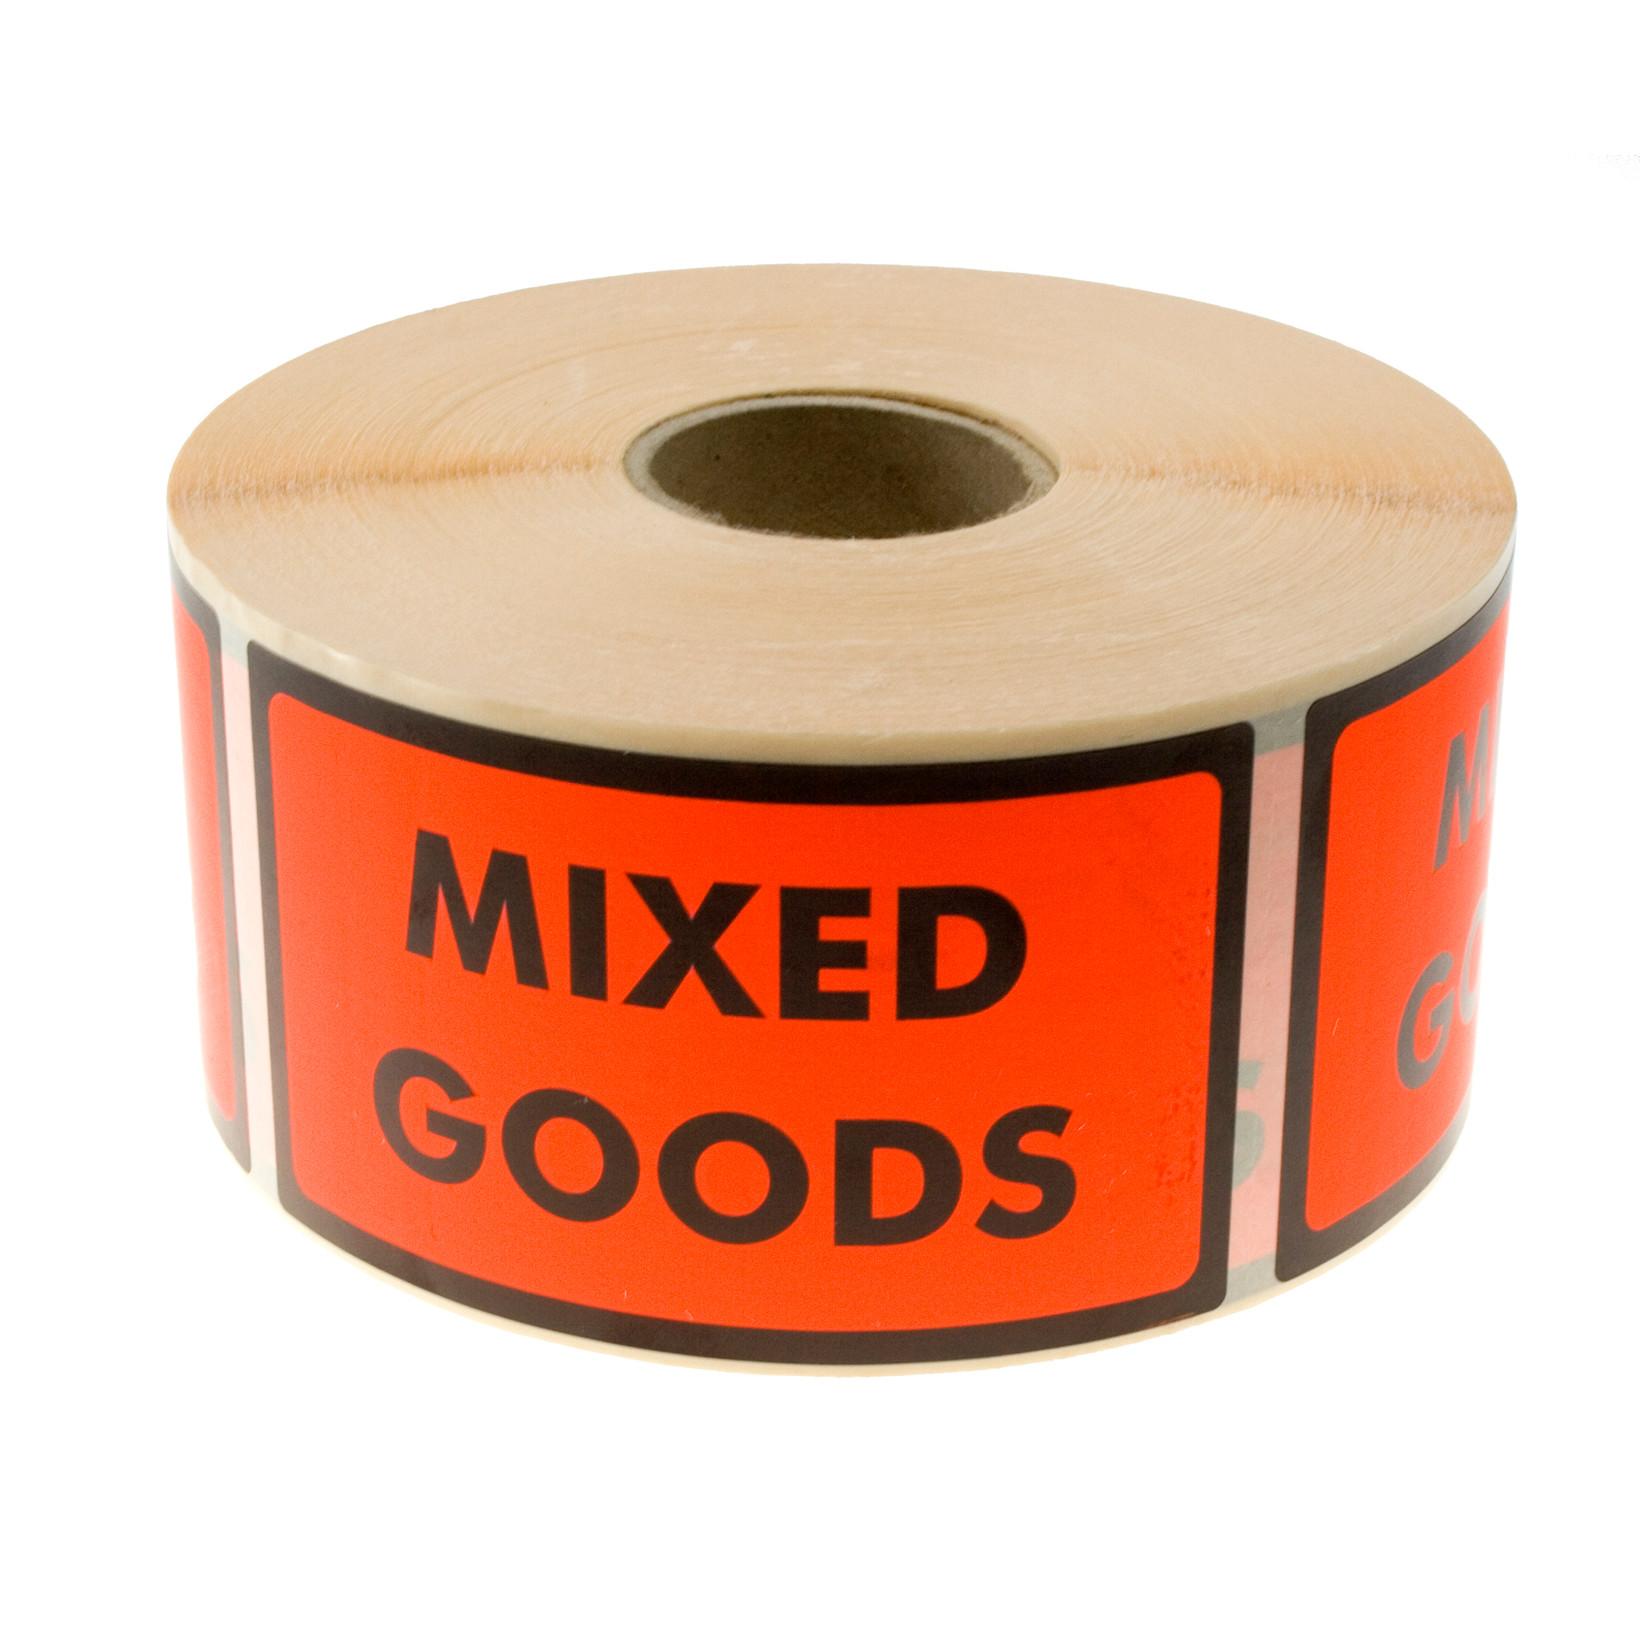 Etiketter selvkl. tryk: Mixed goods 120x70mm 1000stk/rul